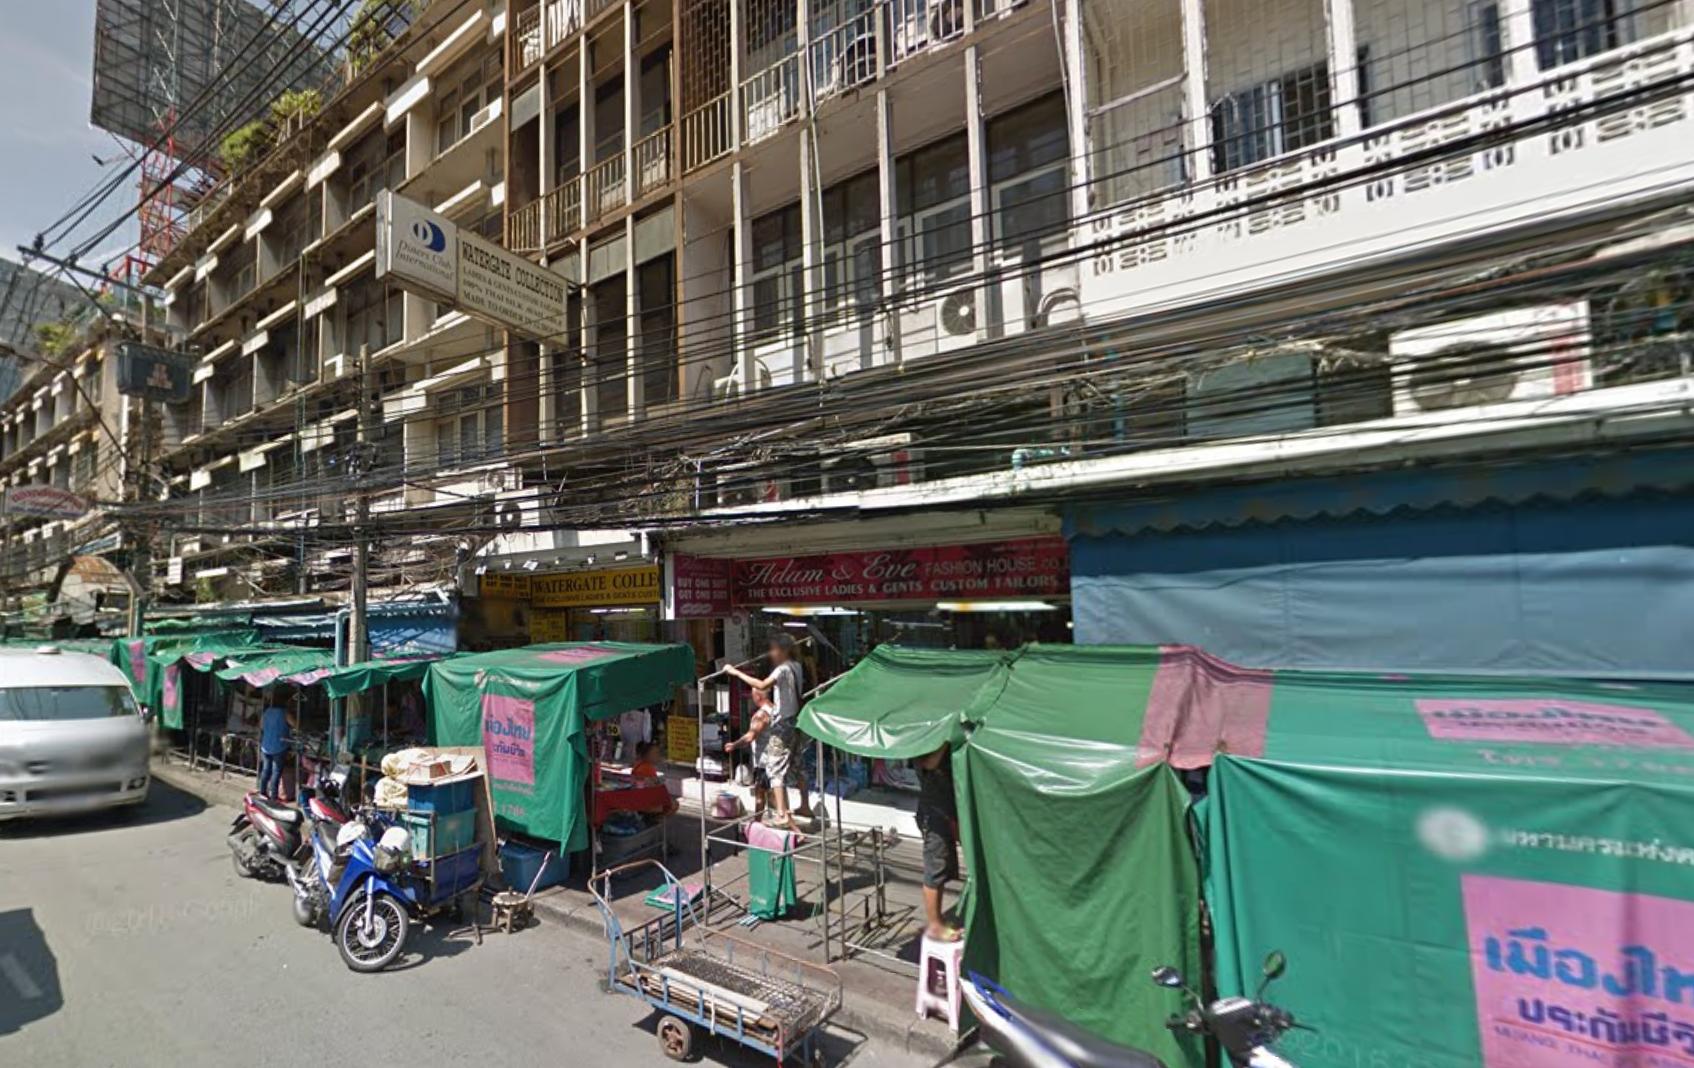 歩道を占拠していたプラトゥーナム市場 出典:Google Street View(2014年)